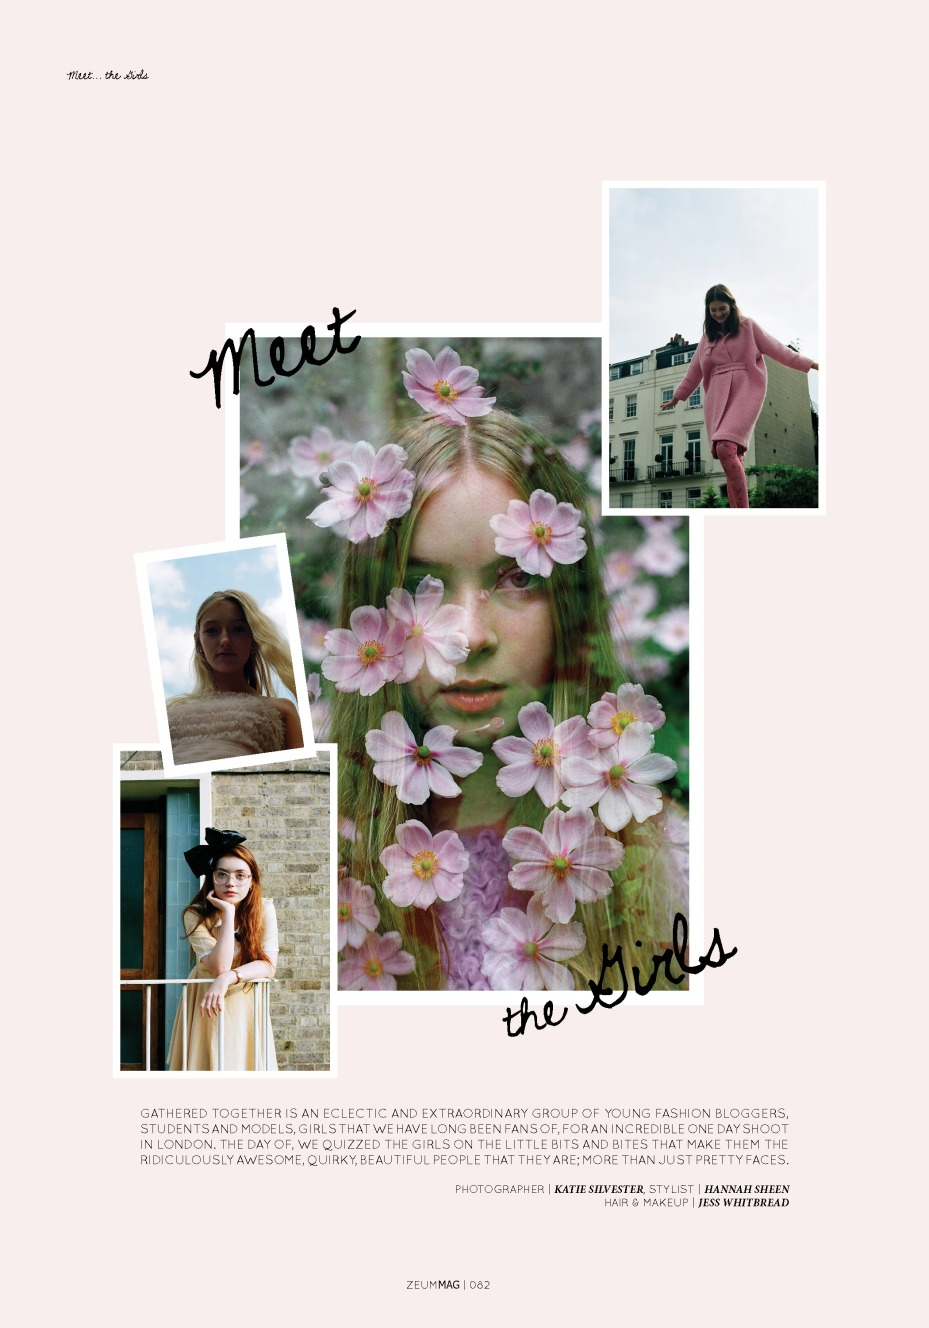 meetthegirls